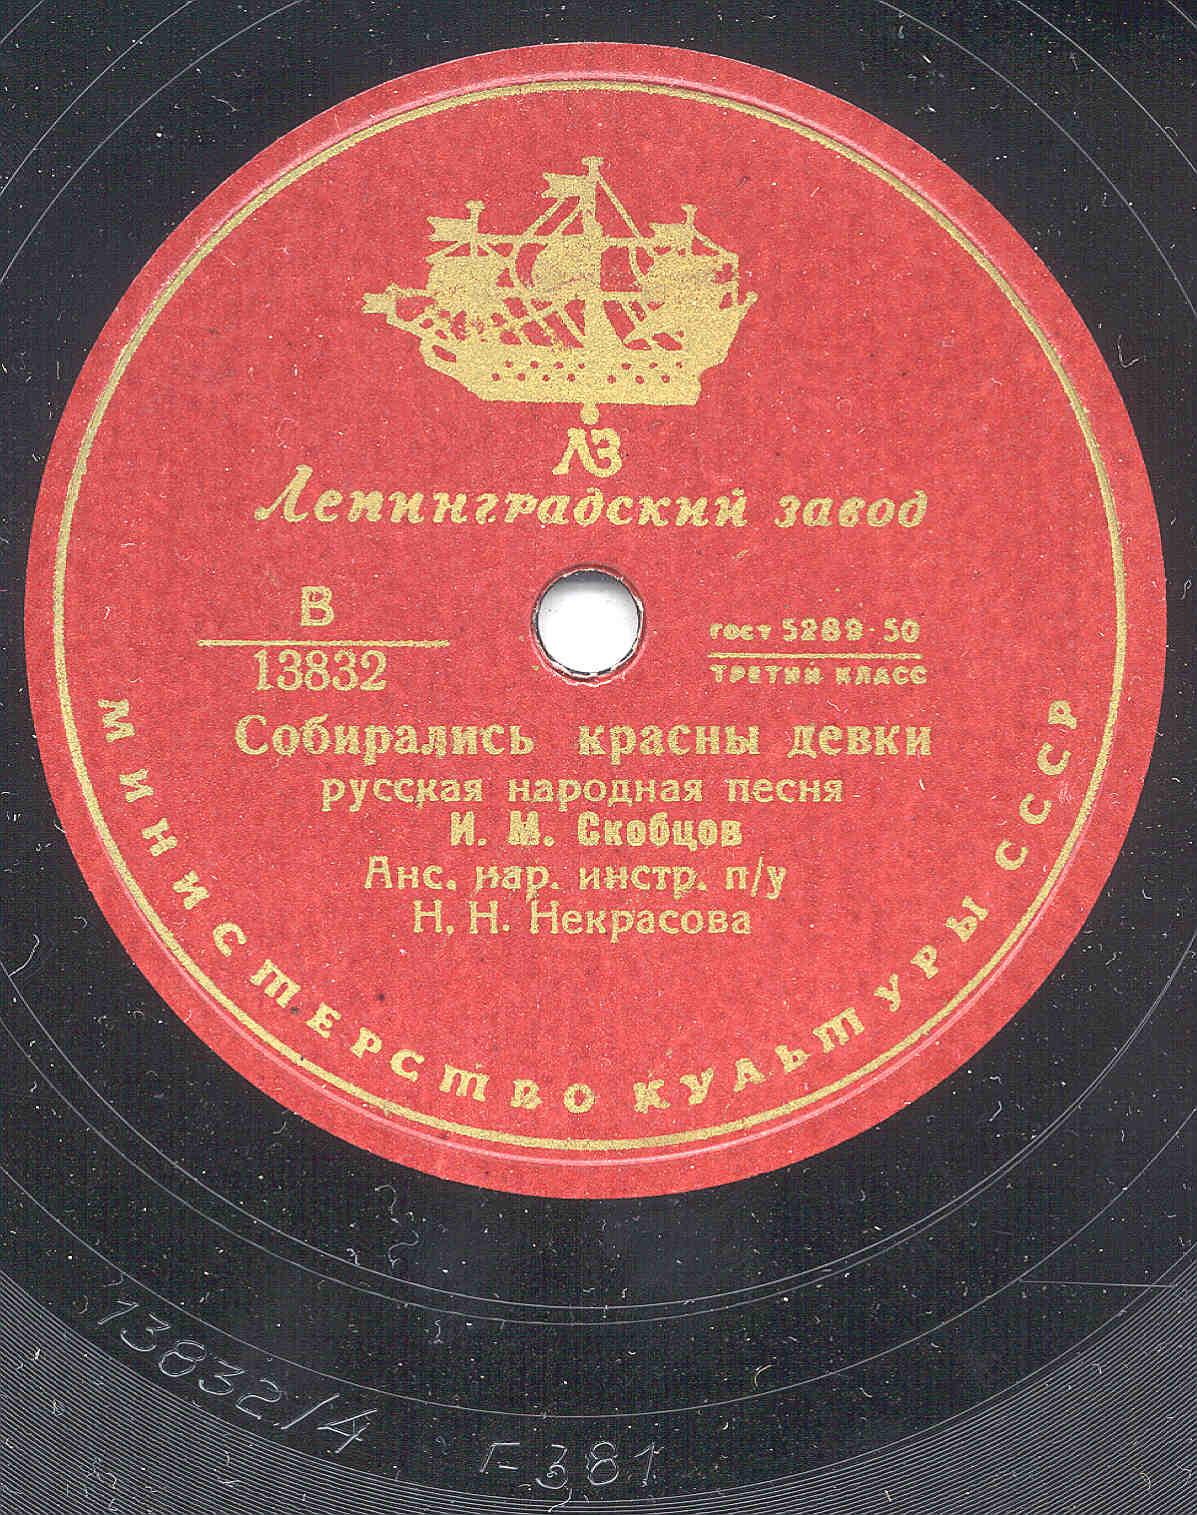 Иван царевич -7522-2014-03- воля прави на планете людей